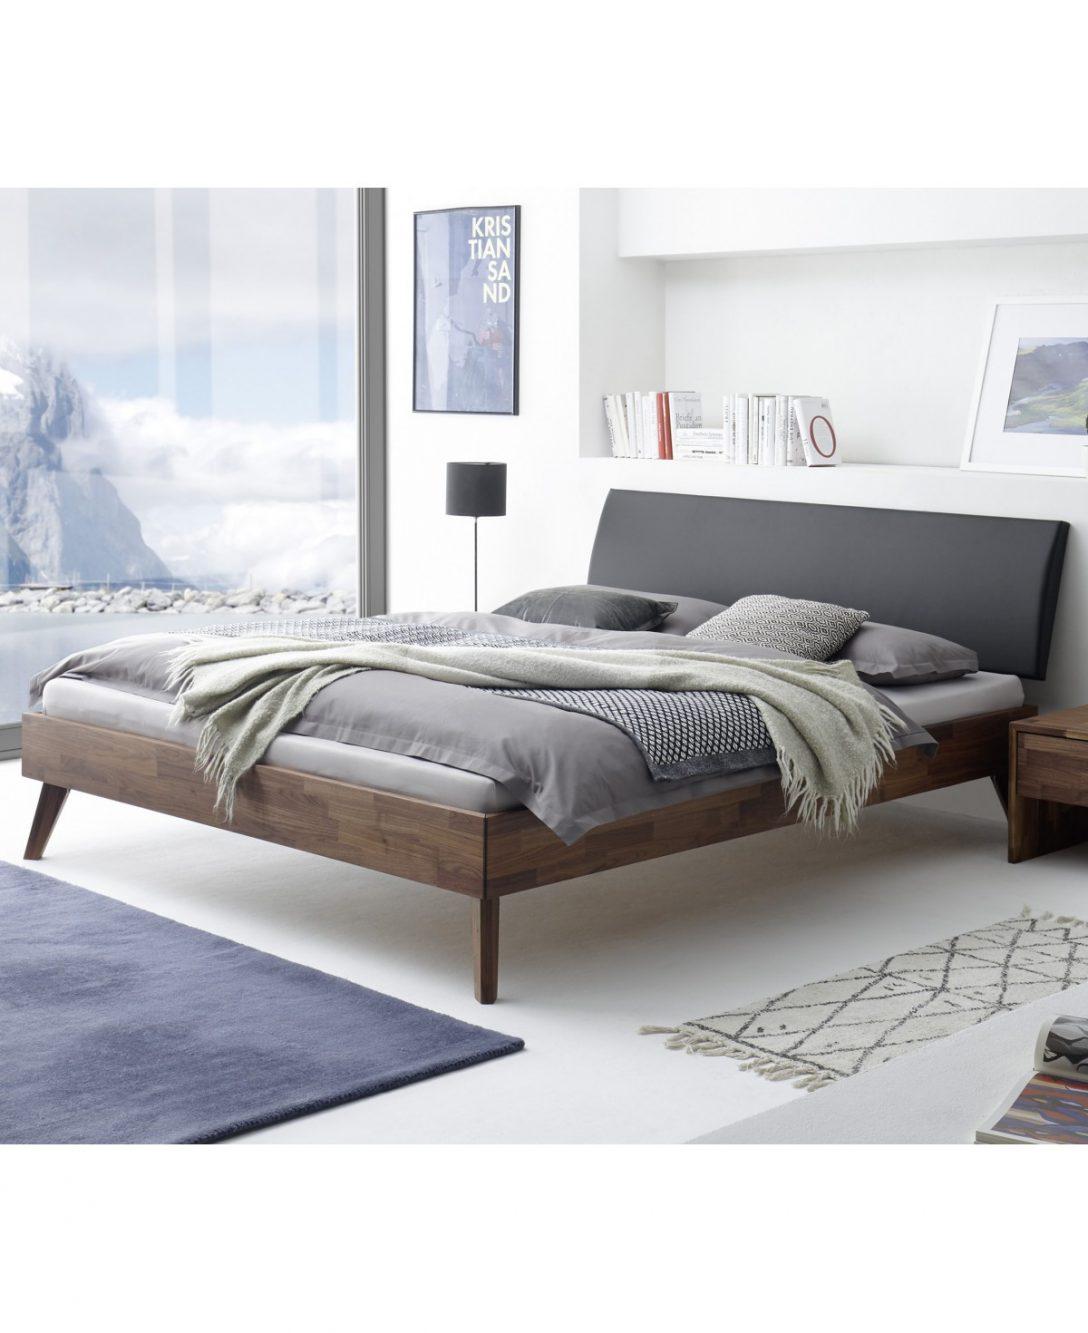 Large Size of Kopfteil Bett 160 140 Kissen Ikea Diy 200 Cm Selber Bauen 180 Rattan Wasser Betten Test Günstig Kaufen 120 Mit Aufbewahrung Nussbaum Rauch 140x200 Bettwäsche Bett Kopfteil Bett